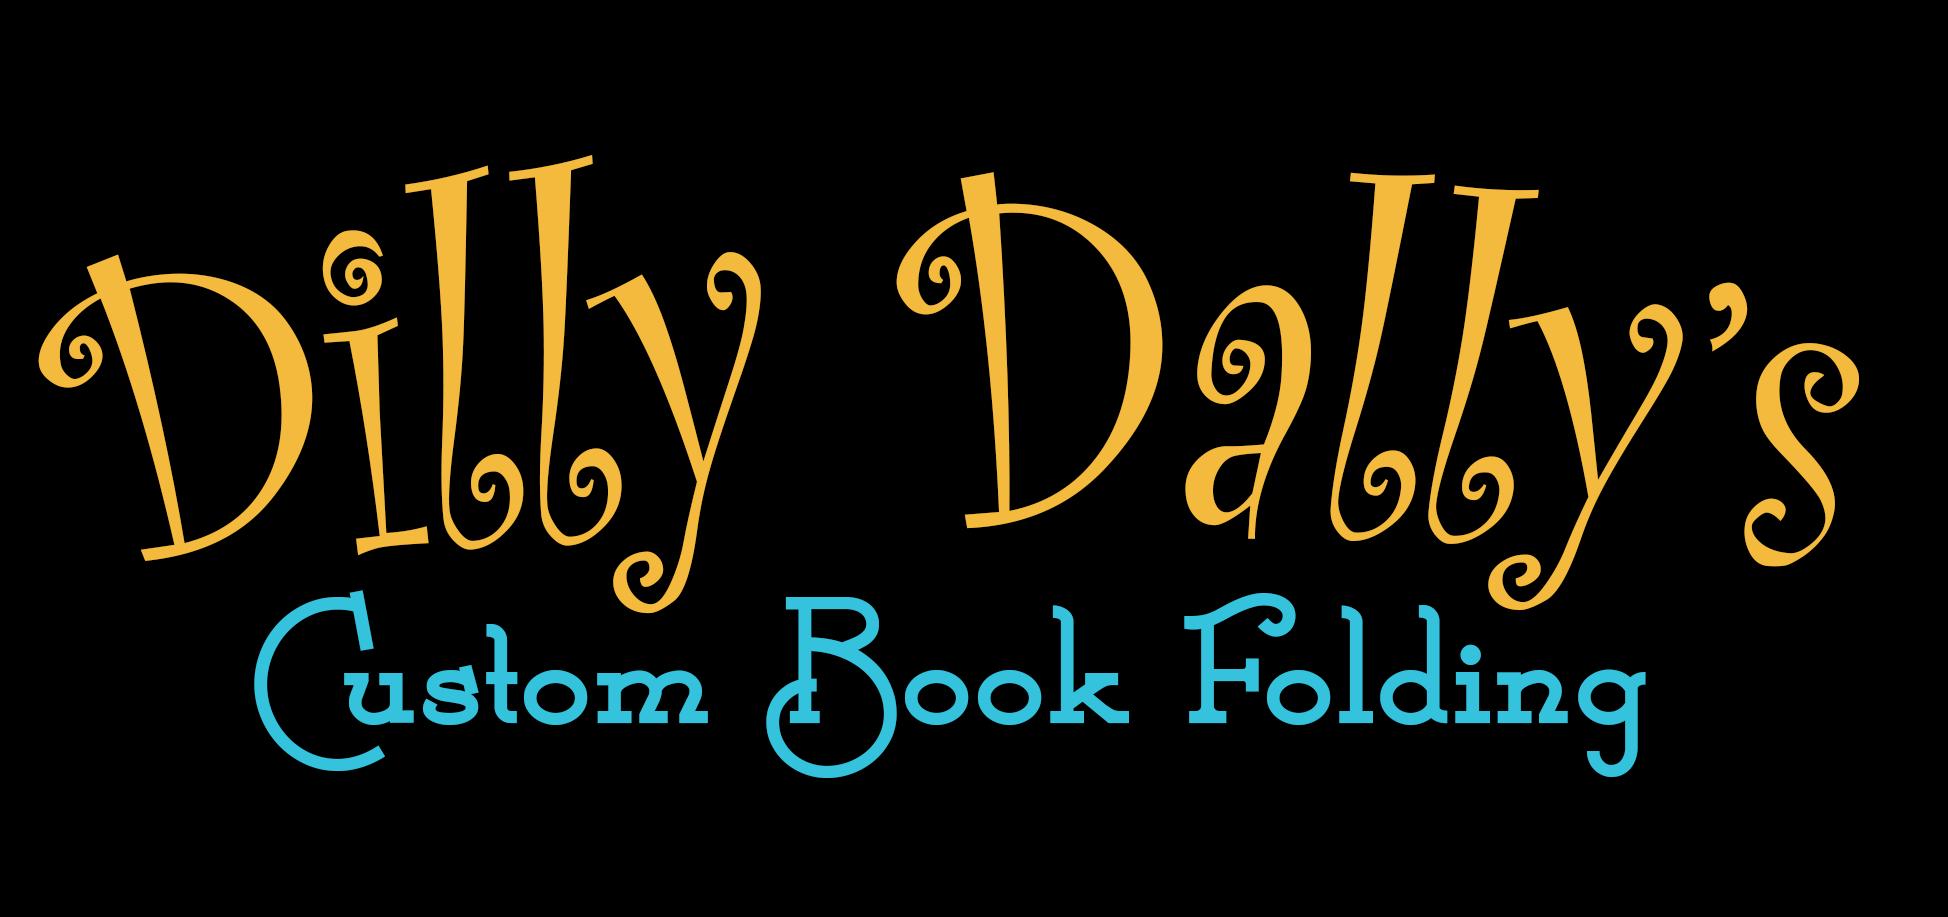 Dilly Dallys logo